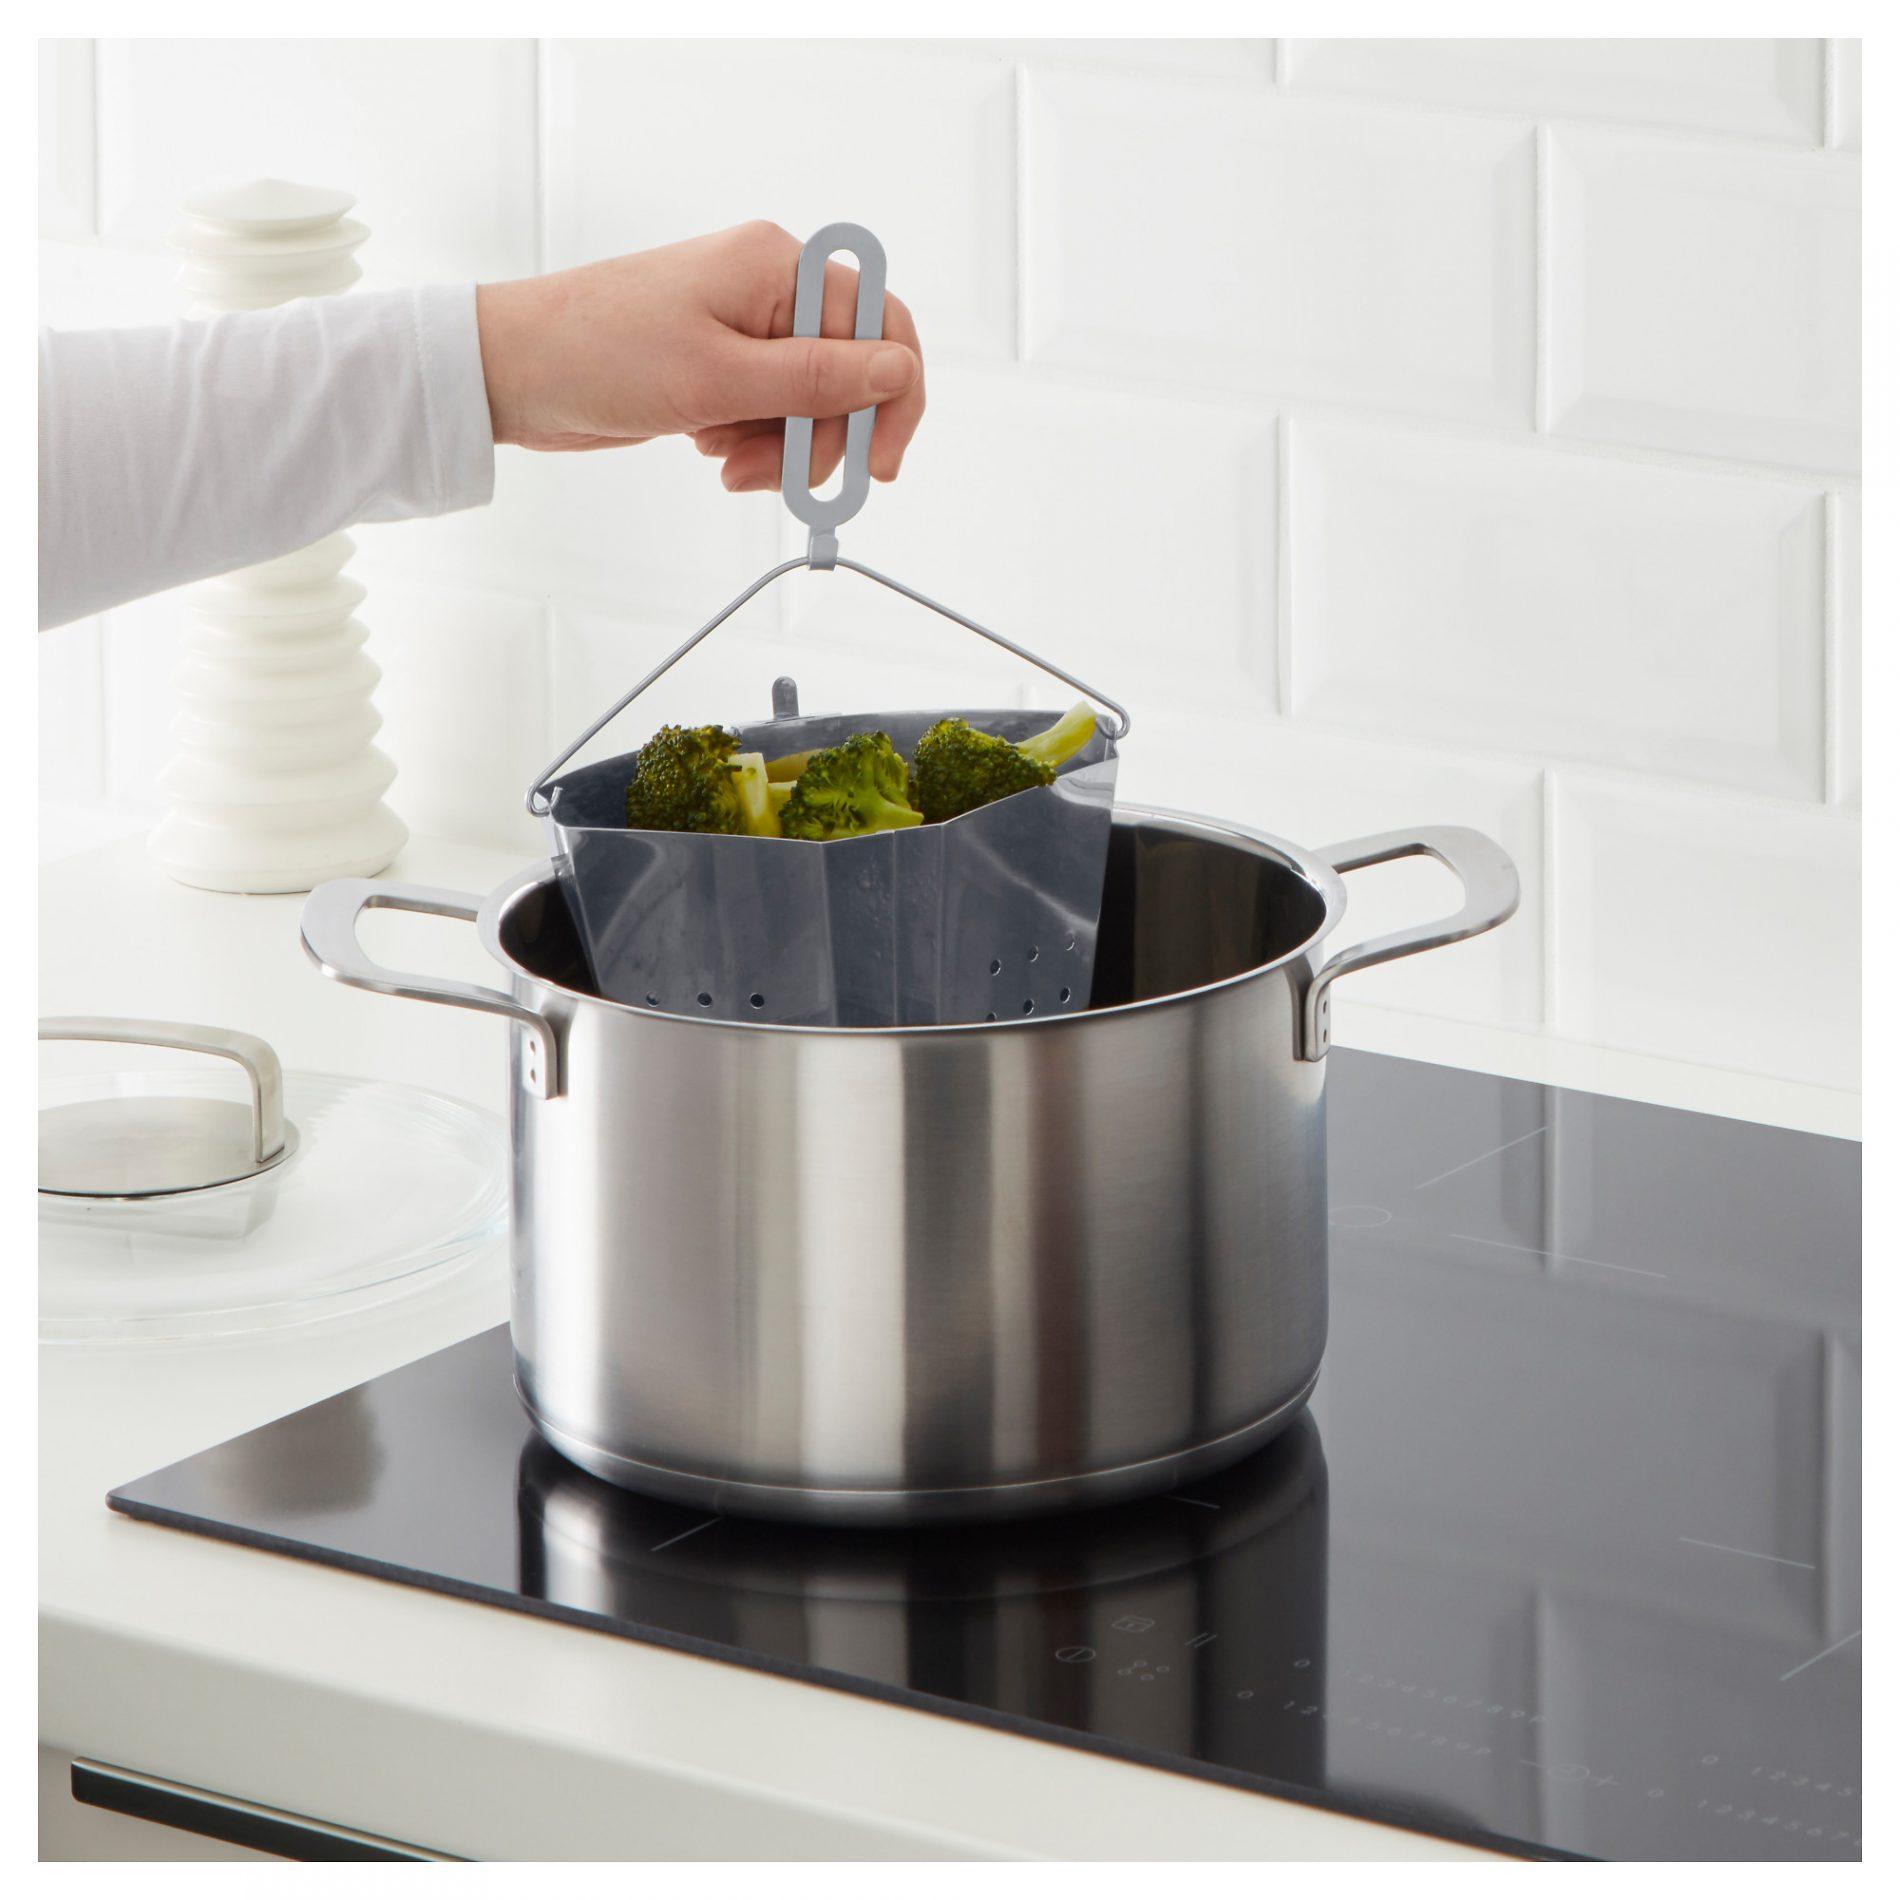 Idee regalo per la cucina: 11 regali simpatici e utili - Melarossa